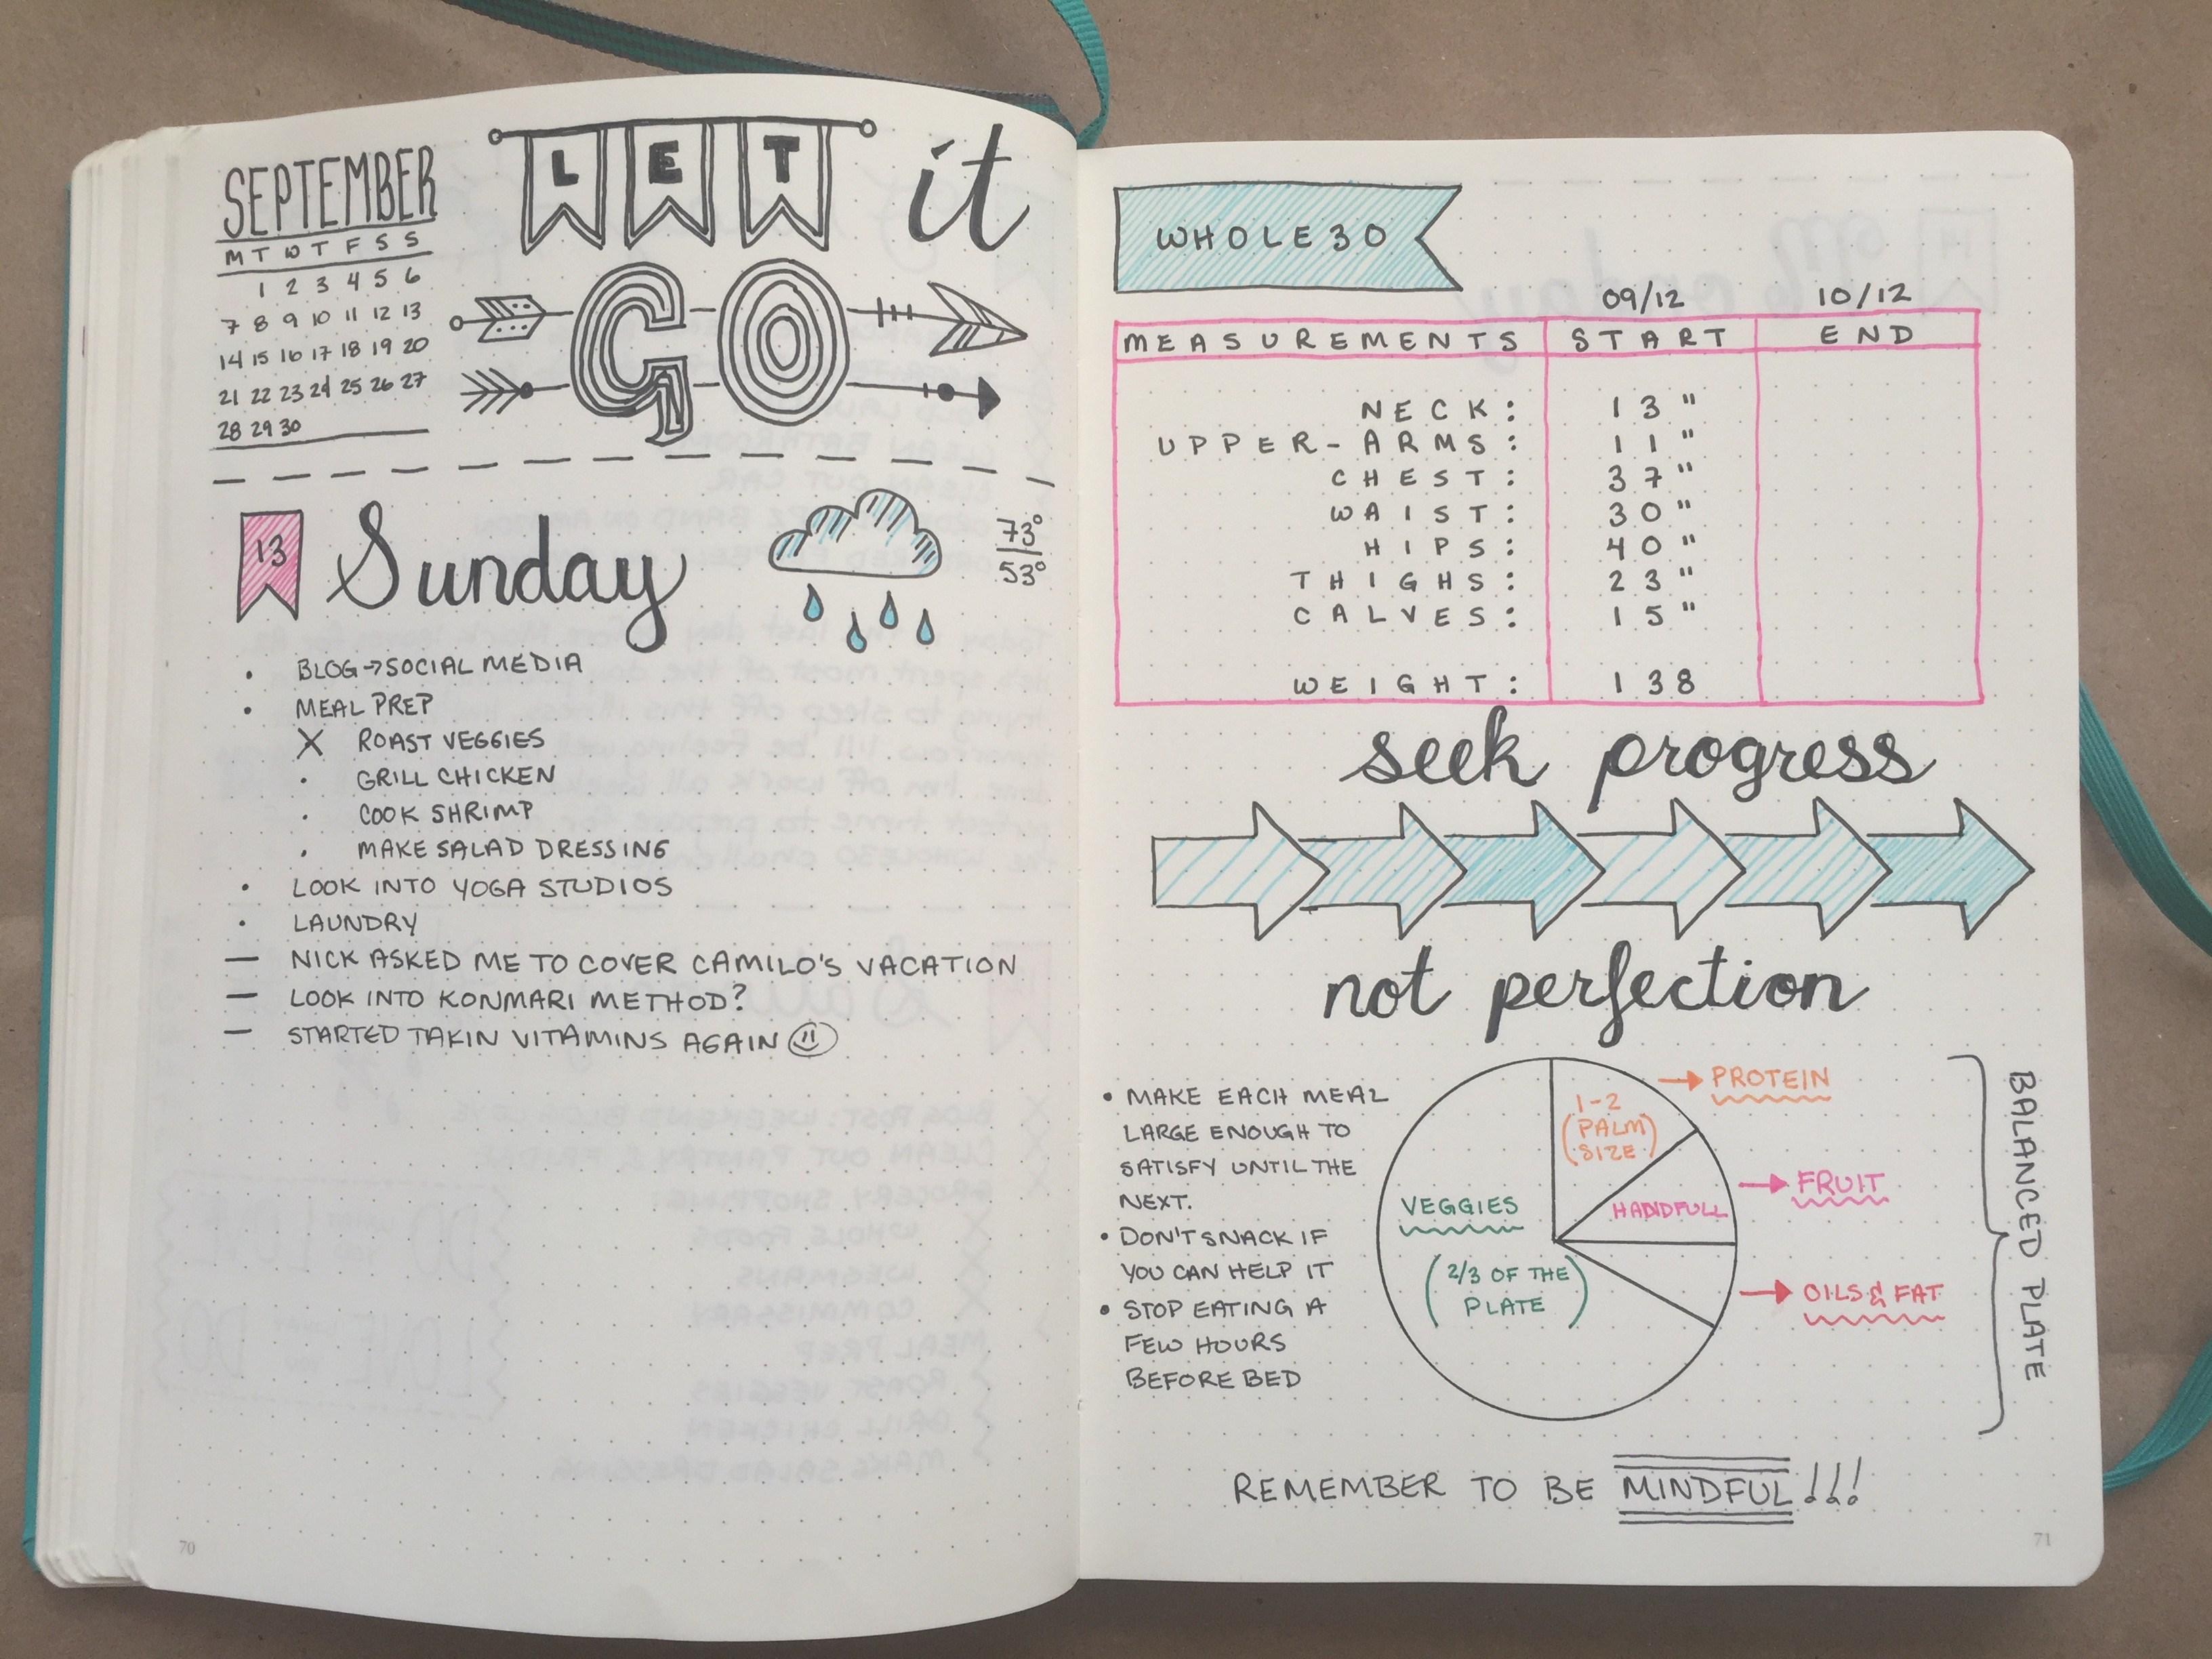 bullet journal agenda